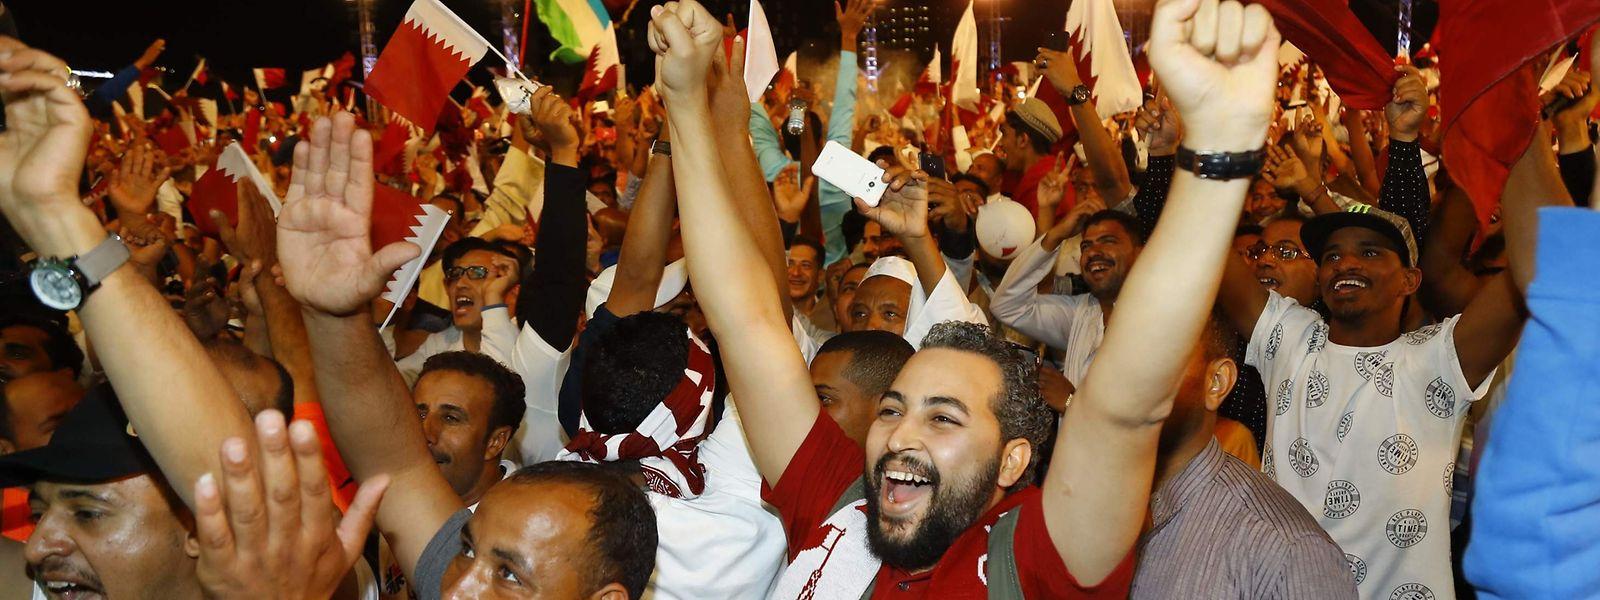 L'équipe du Qatar a remporté vendredi la Coupe d'Asie de football 2019 (en battant le Japon 3-1 en finale) aux Emirats arabes unis.